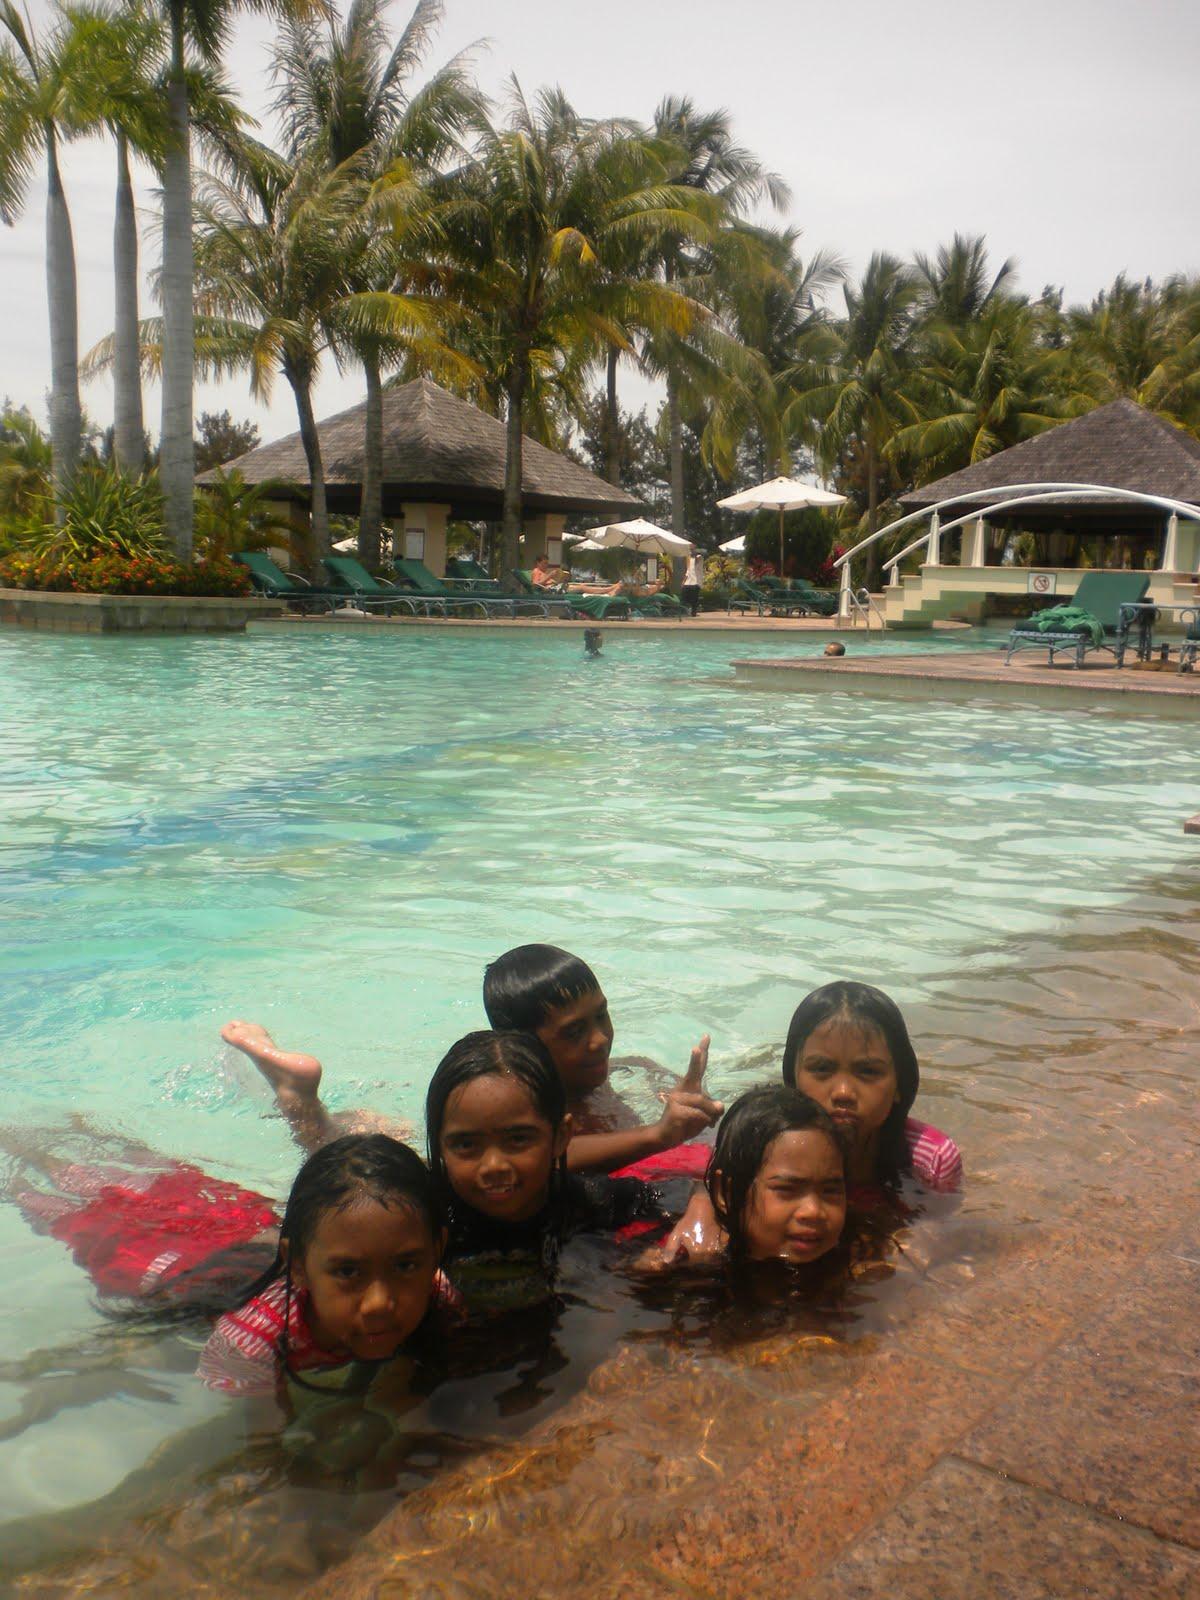 Sindir sindir sayang the children enjoy swimming pool at - Centrepoint hotel brunei swimming pool ...